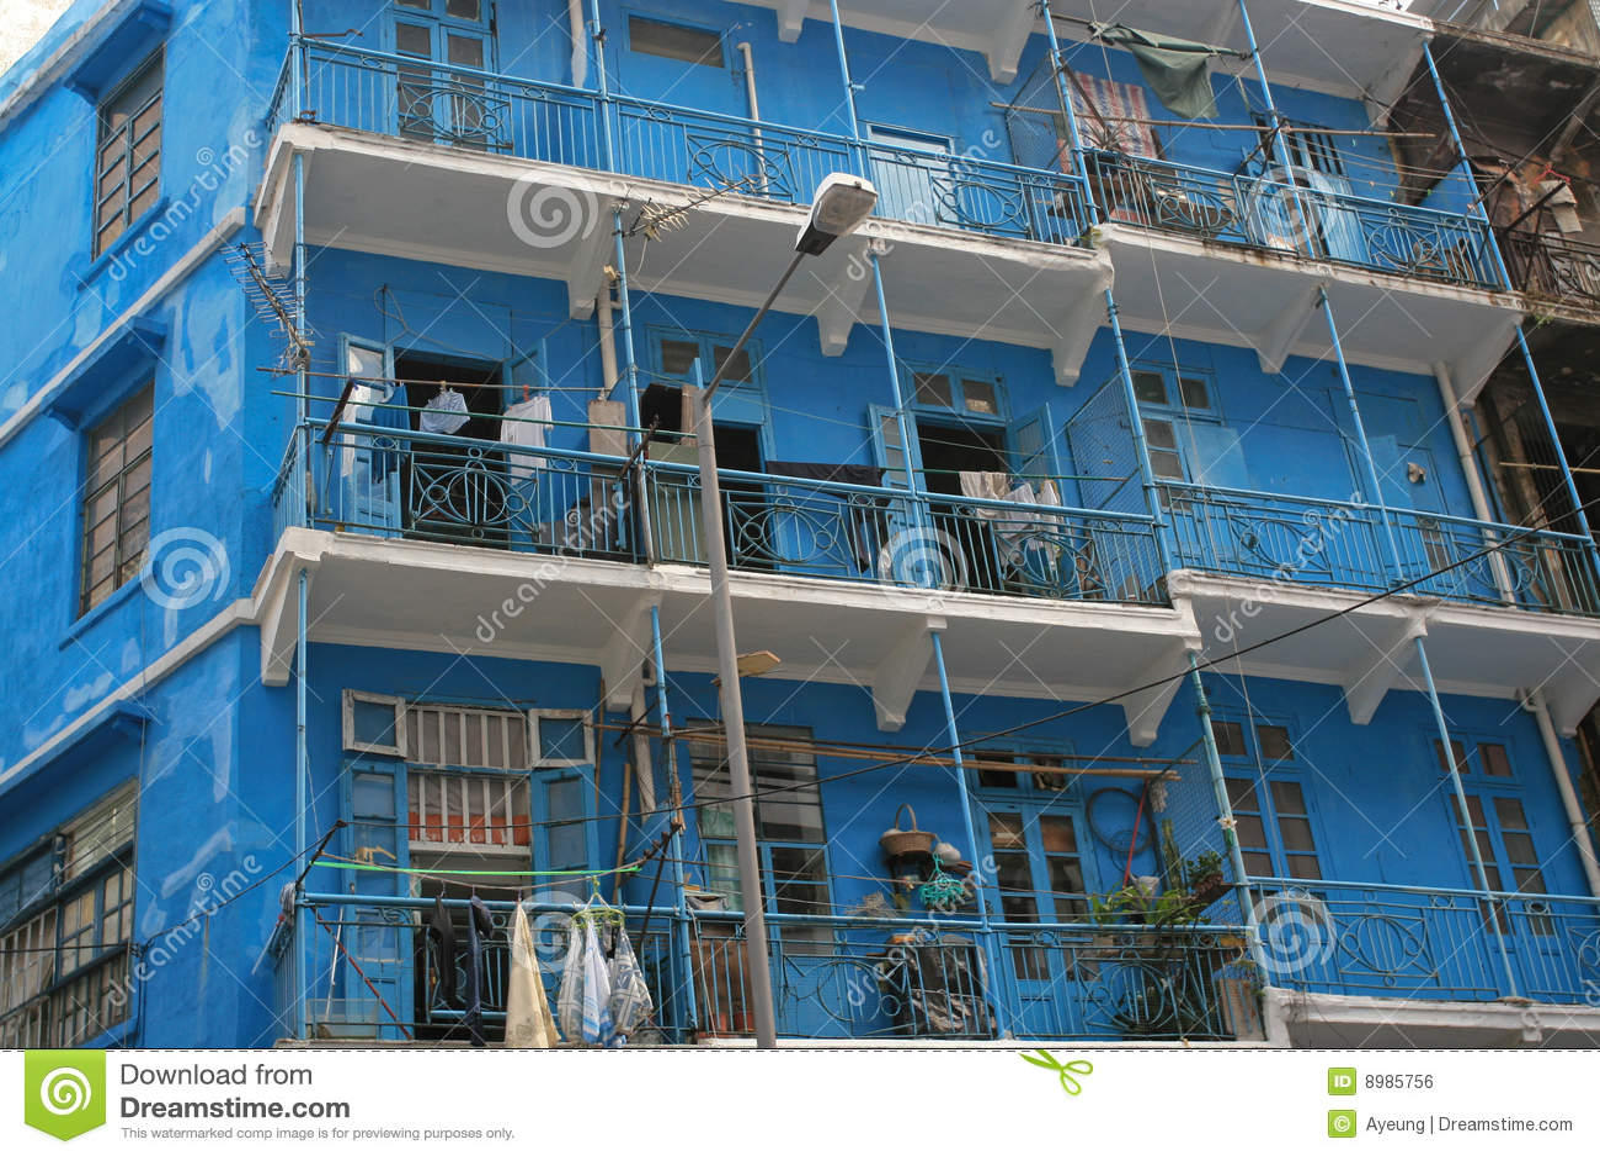 Blue House Hong Kong Royalty Free Stock Image Image